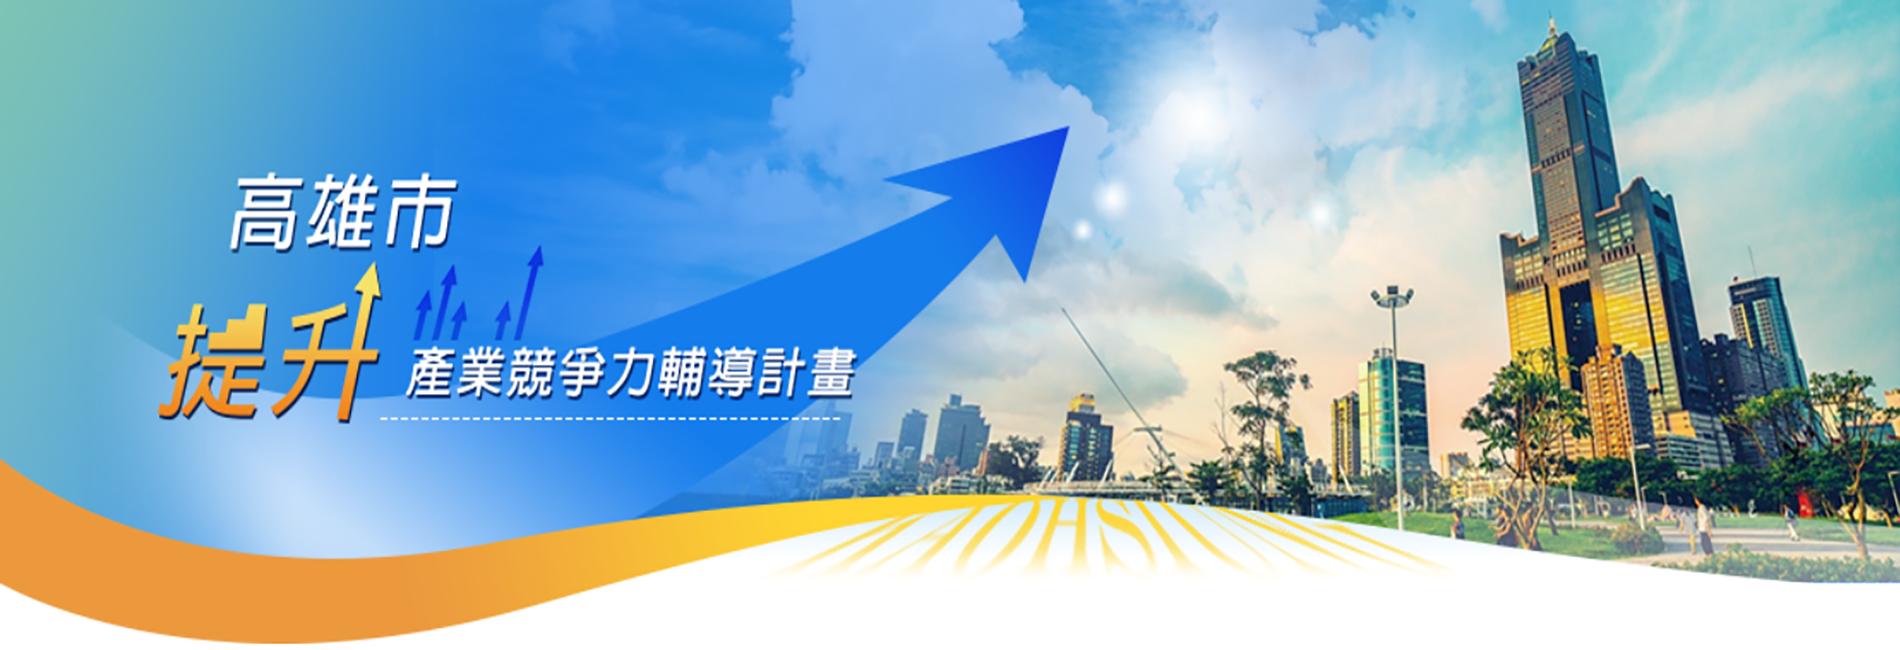 高雄市提升產業競爭力輔導計畫